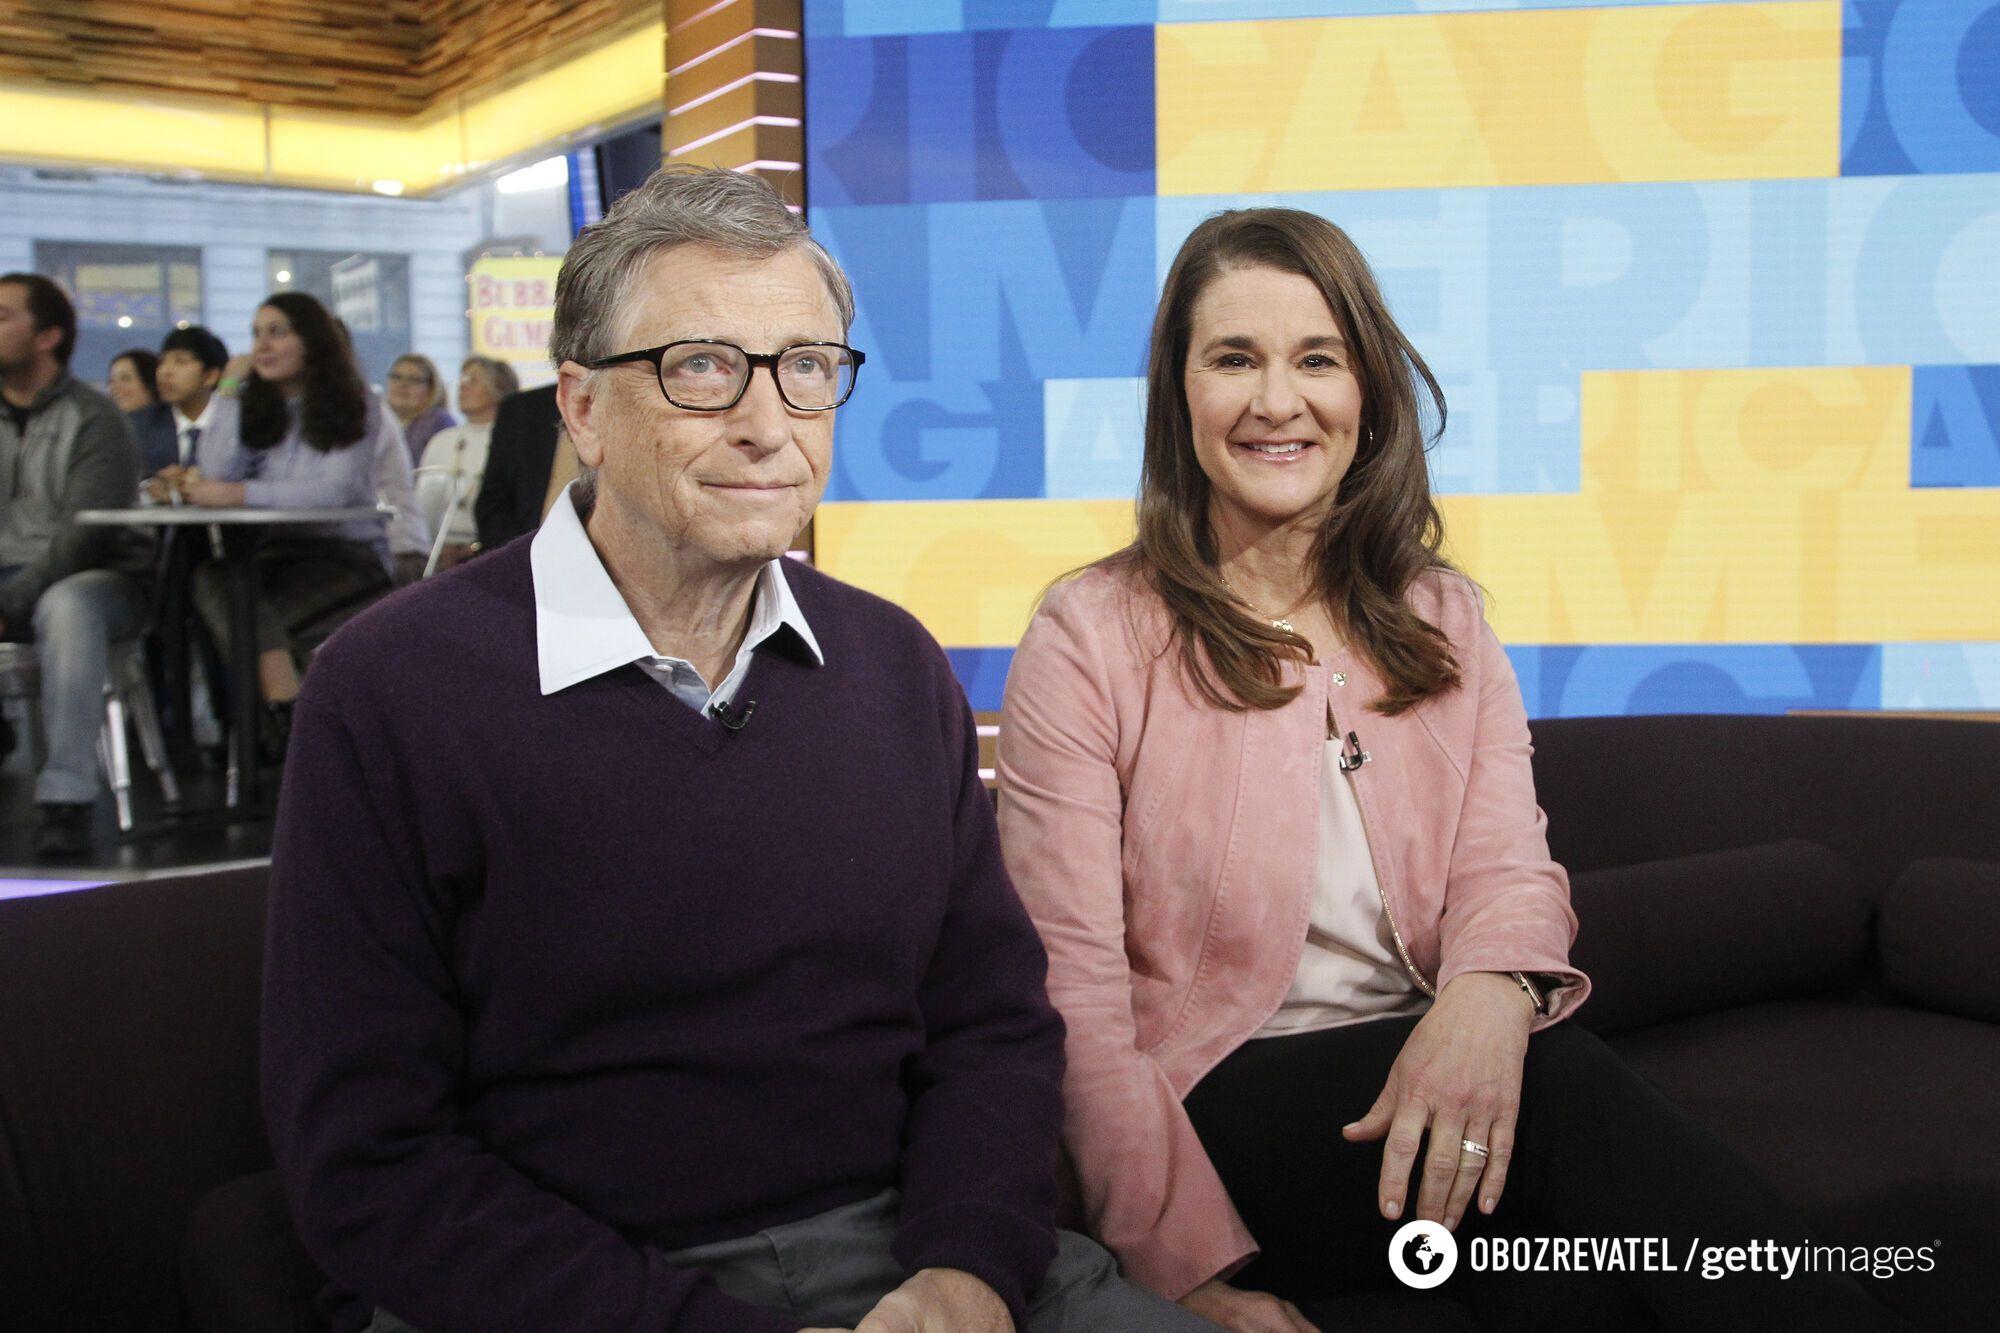 Билл Гейтс со своей супругой Мелиндой.